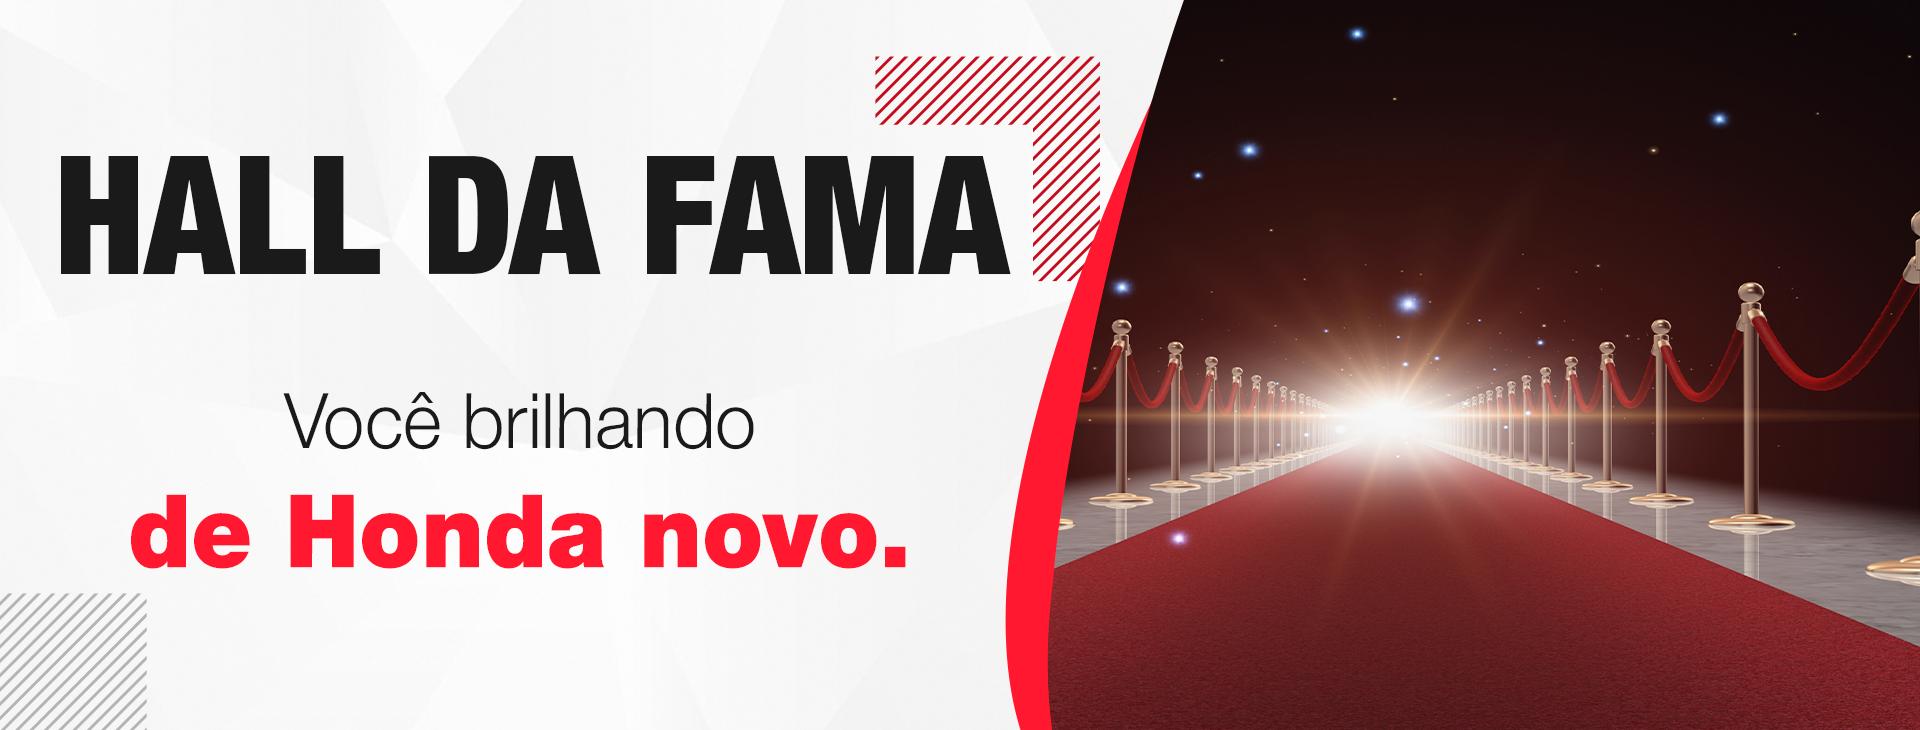 hall-da-fama-banner-desktop